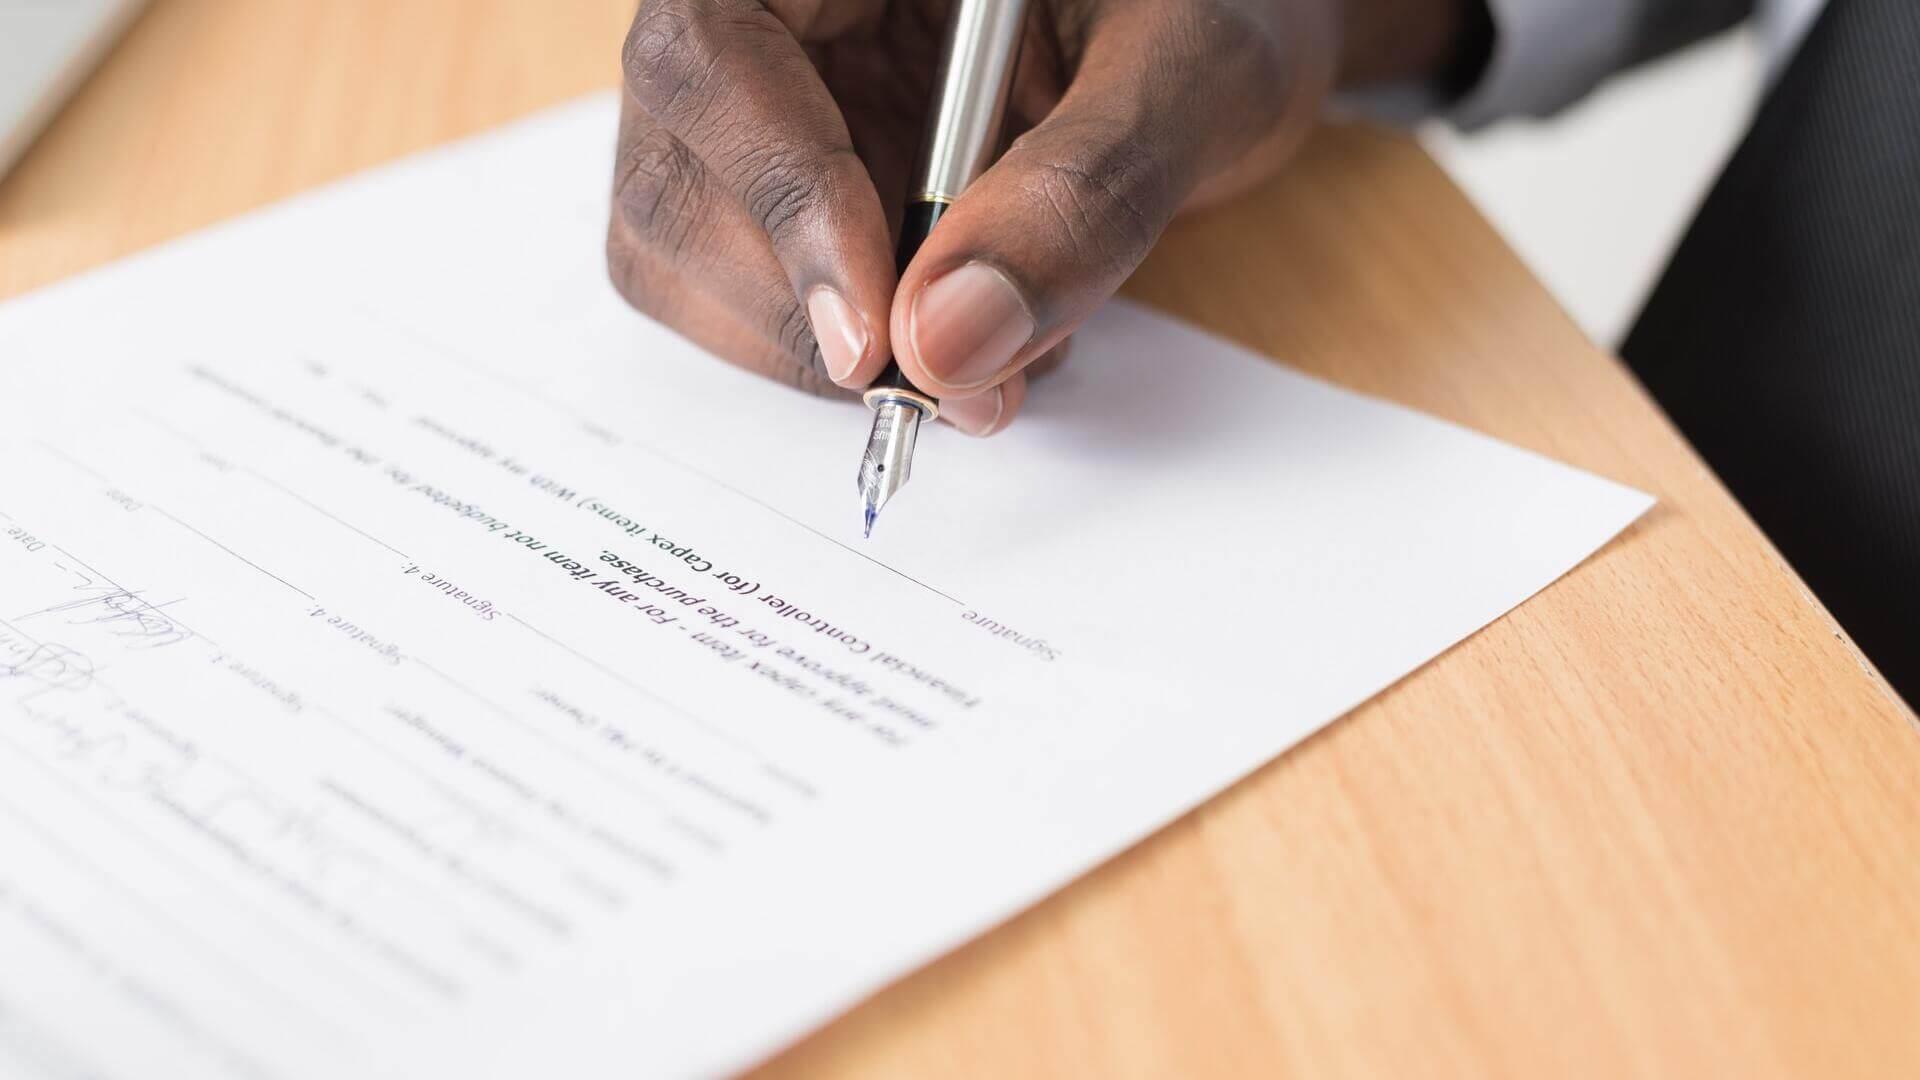 firmando documento